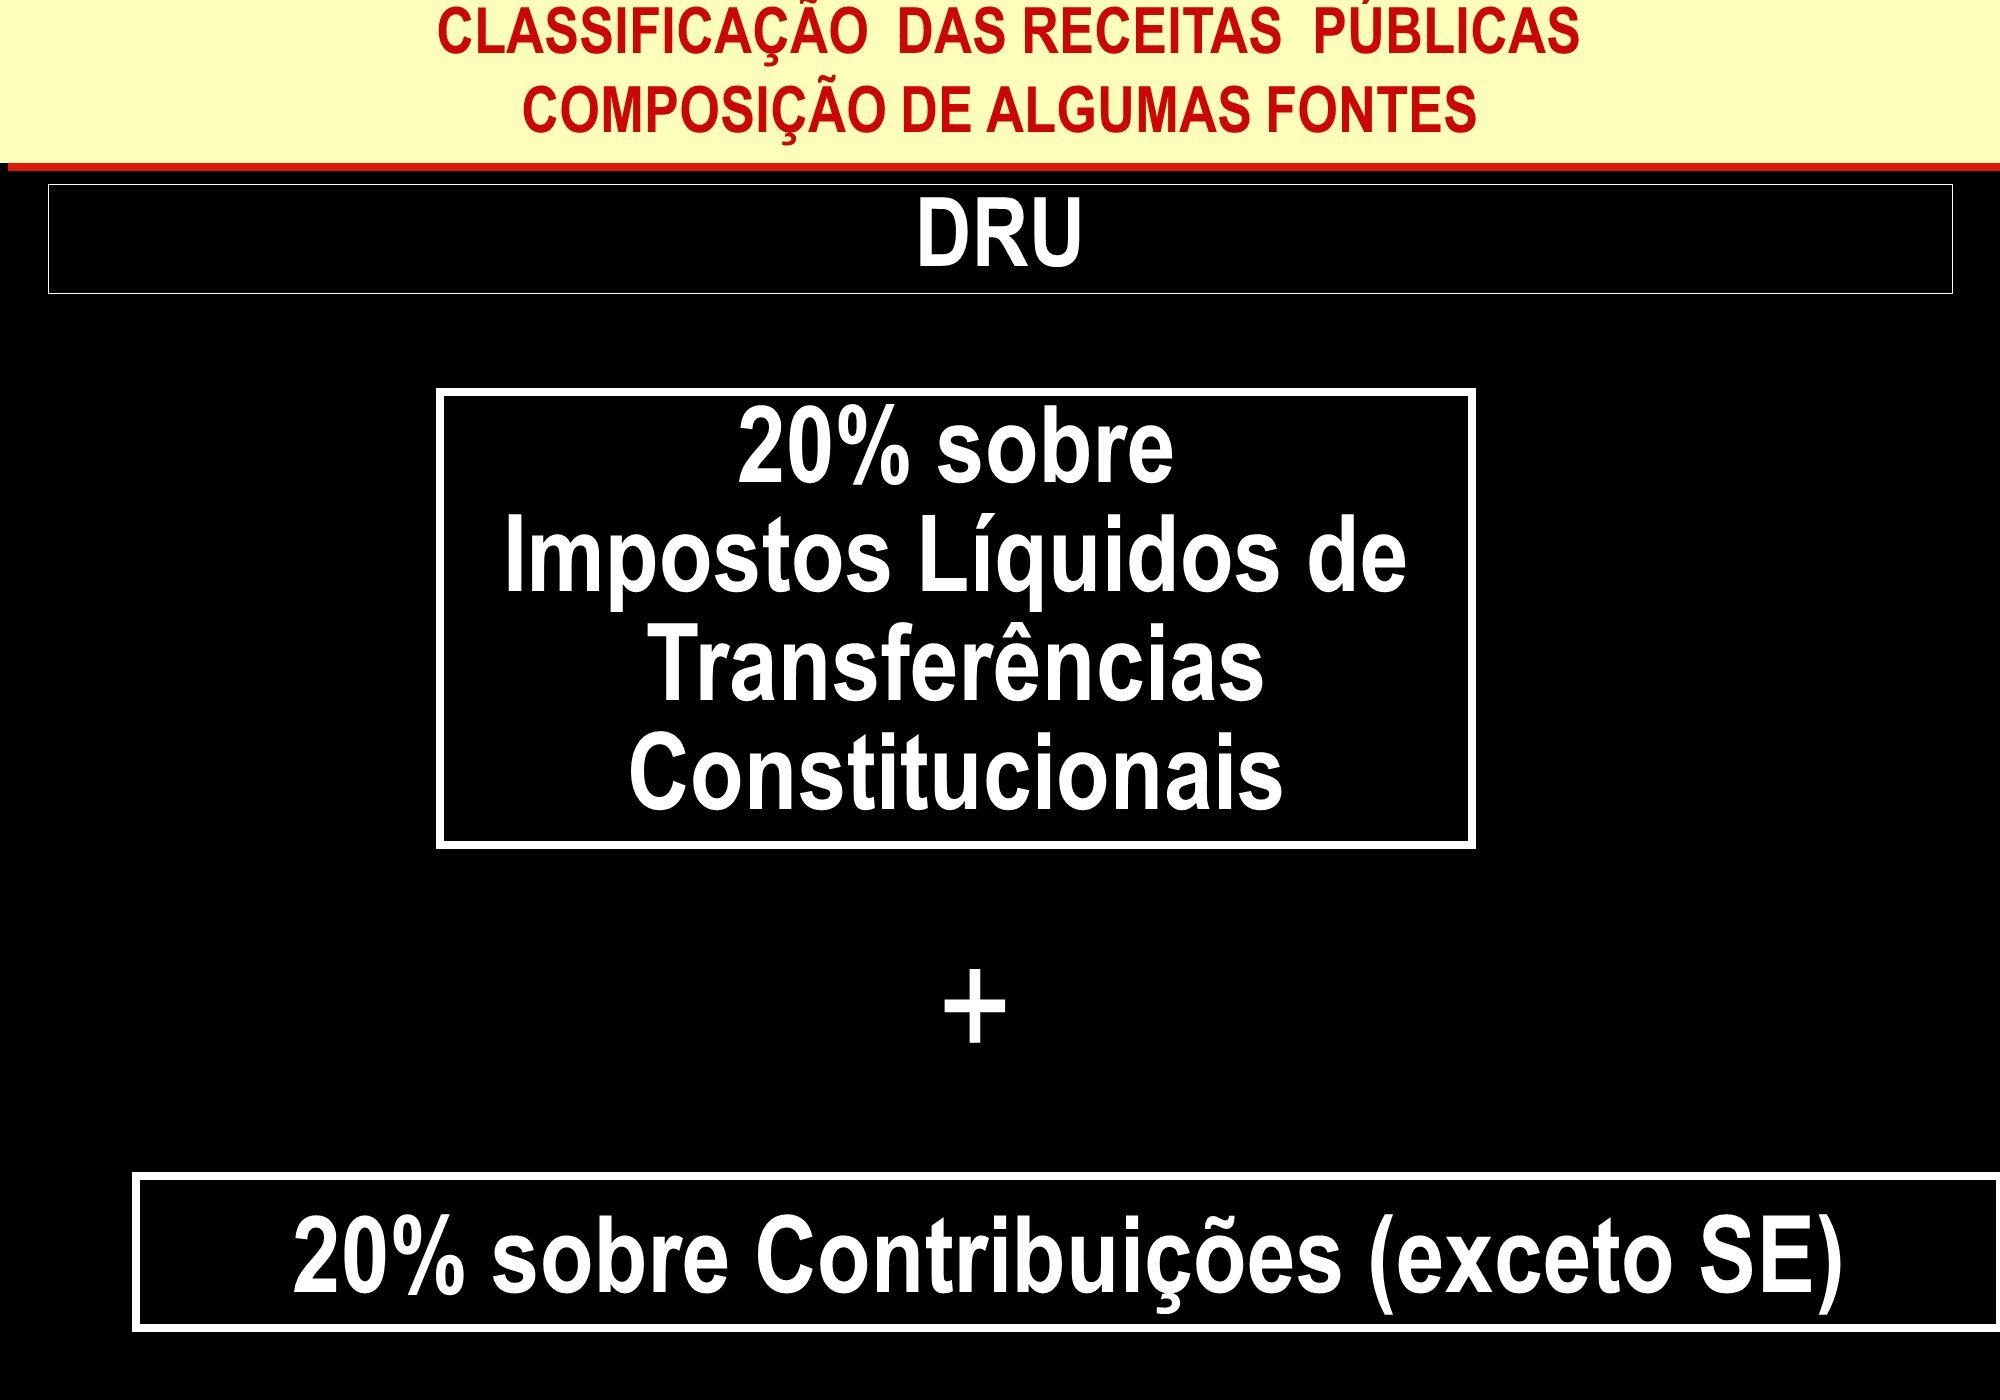 DRU + 20% sobre Impostos Líquidos de Transferências Constitucionais CLASSIFICAÇÃO DAS RECEITAS PÚBLICAS COMPOSIÇÃO DE ALGUMAS FONTES CLASSIFICAÇÃO DAS